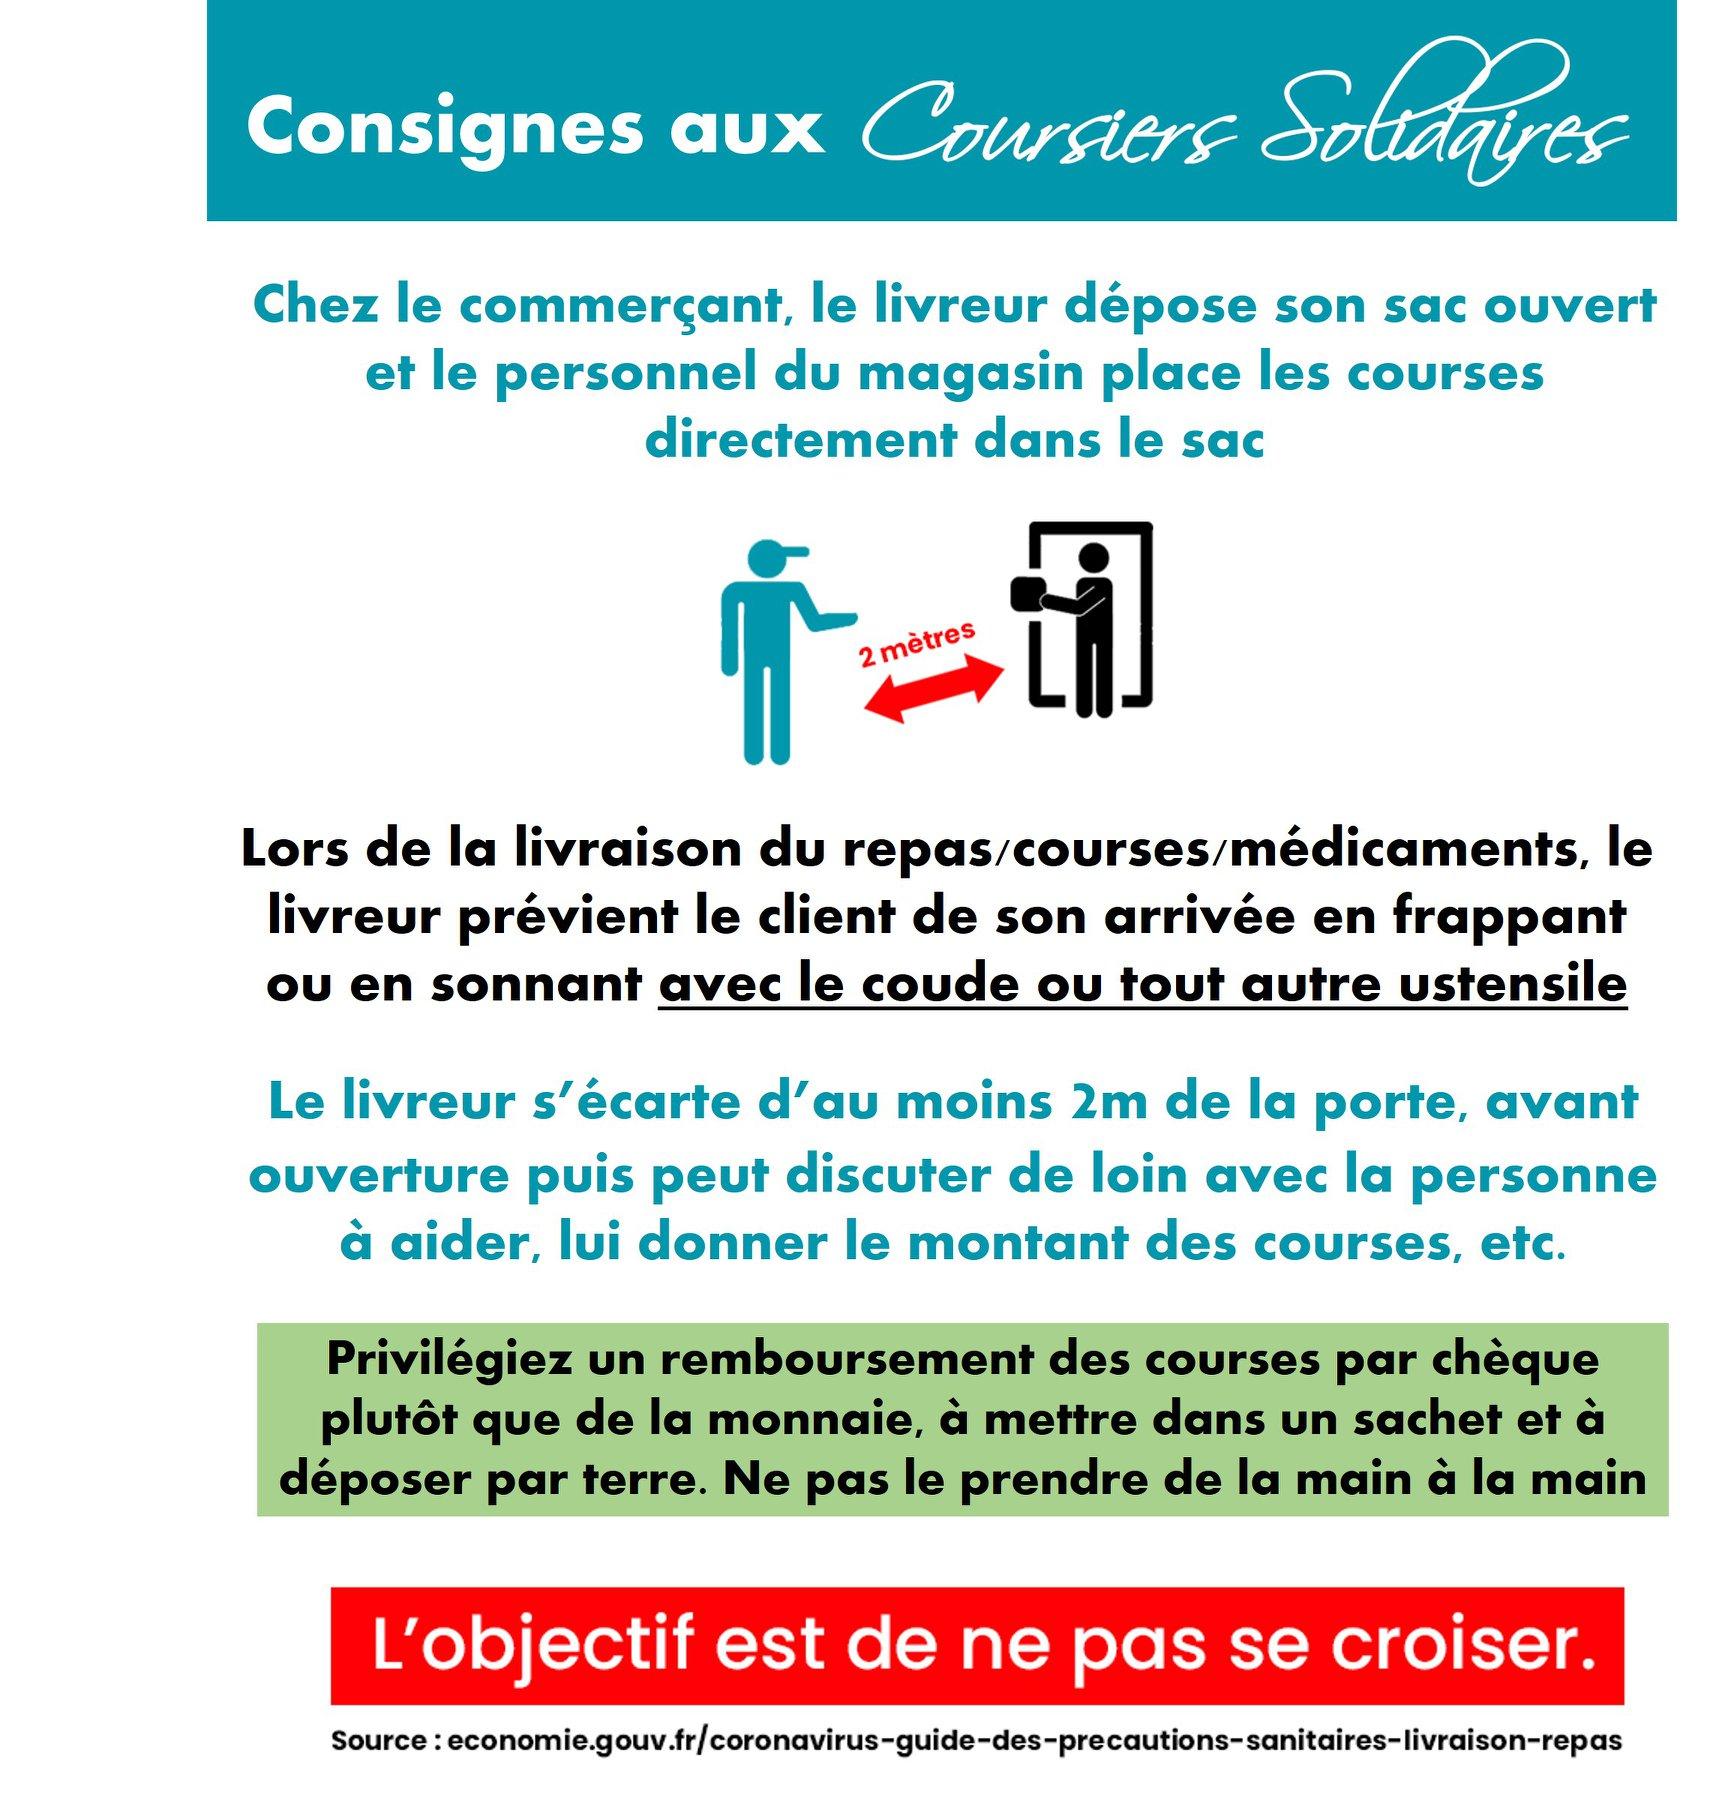 Consignes des Coursiers Solidaires St Leu Val d'Oise